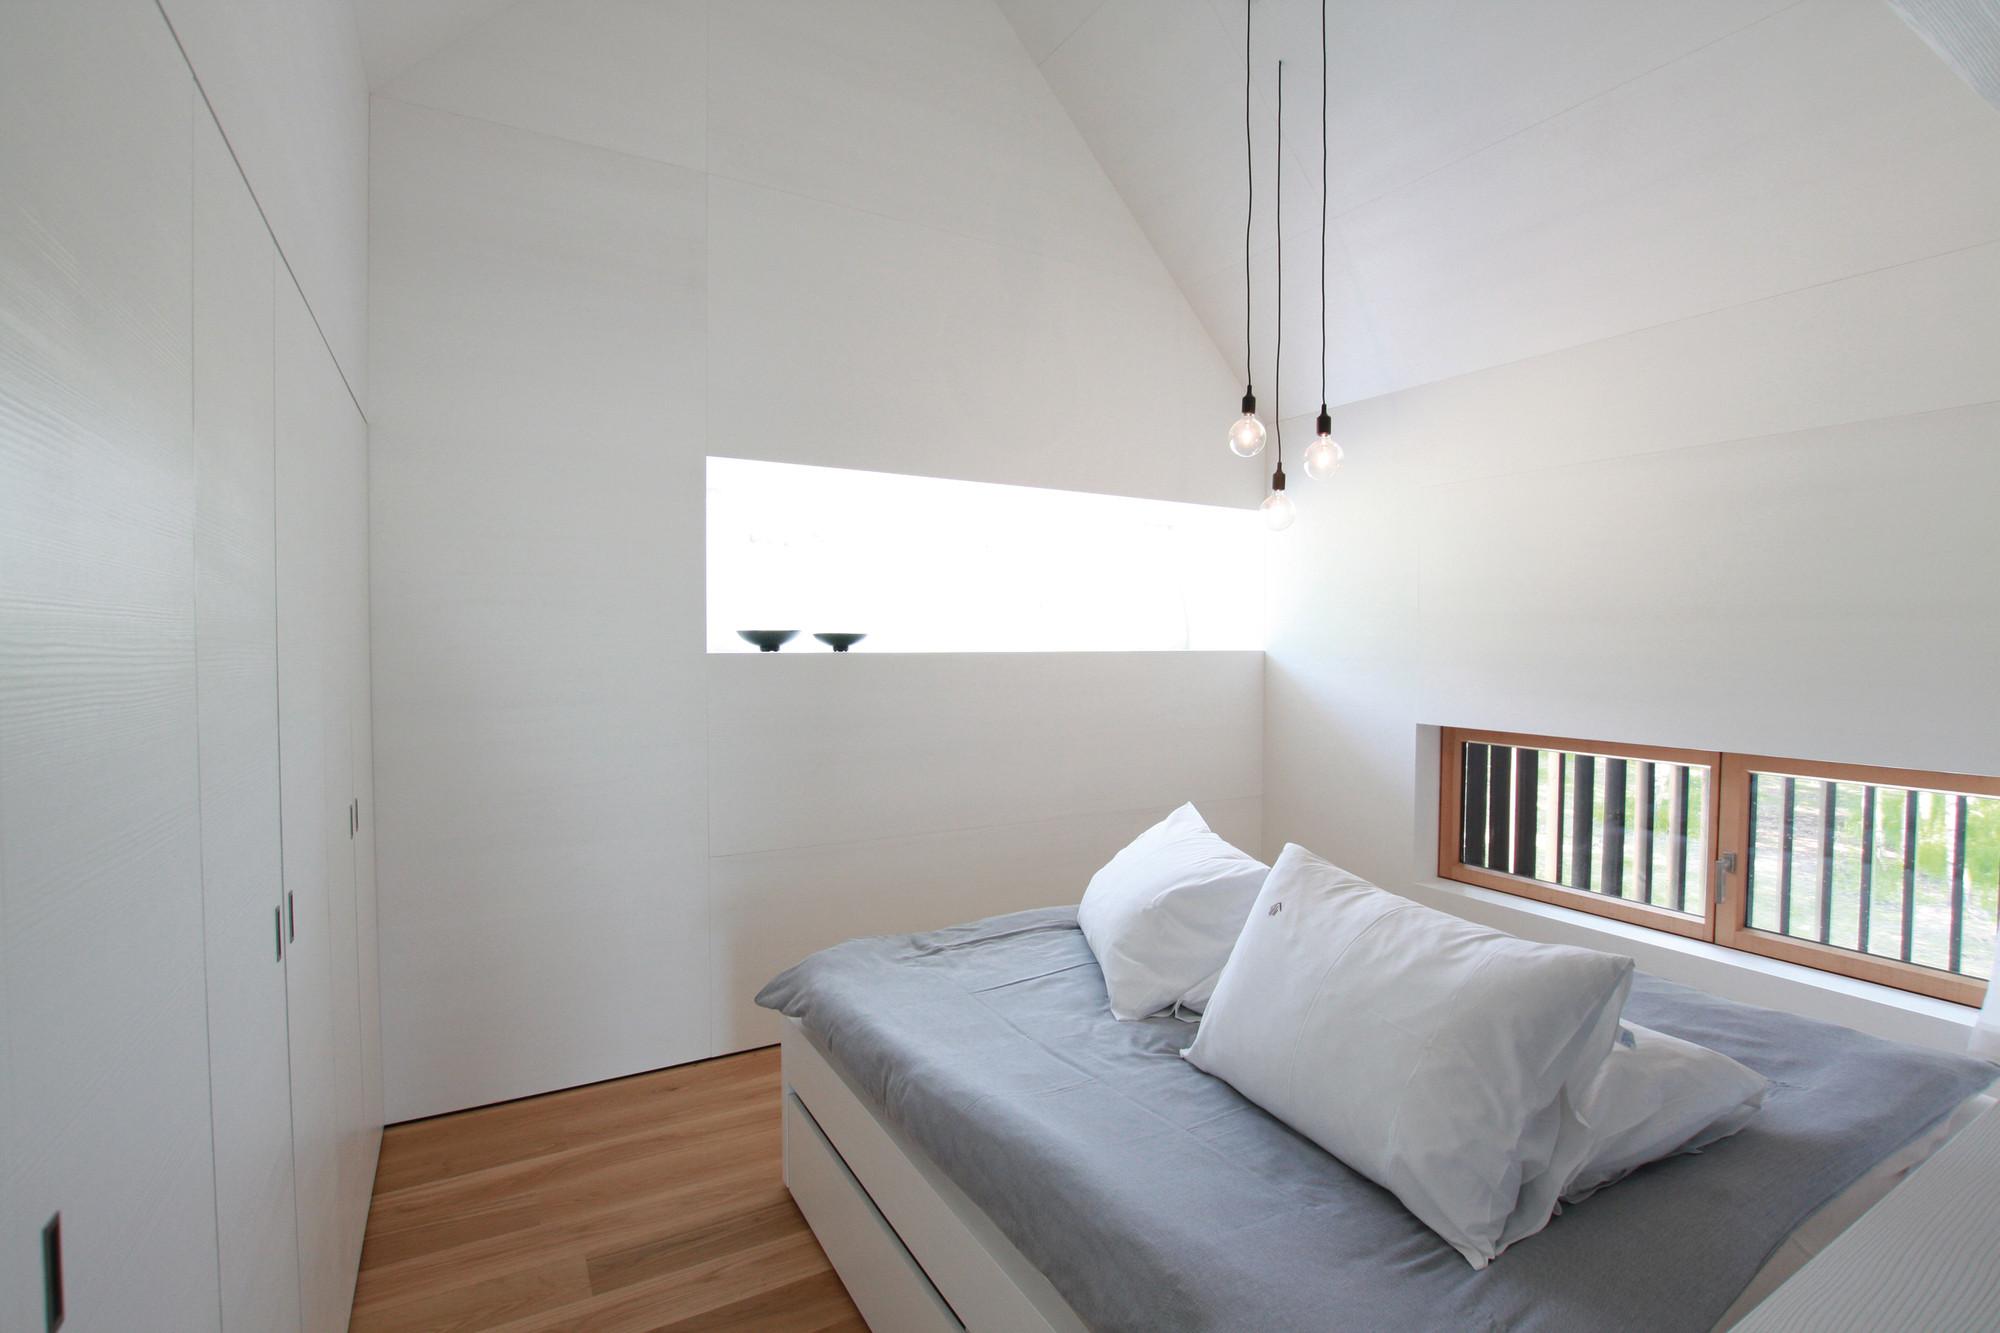 Hofgut / Format Elf Architekten | ArchDaily